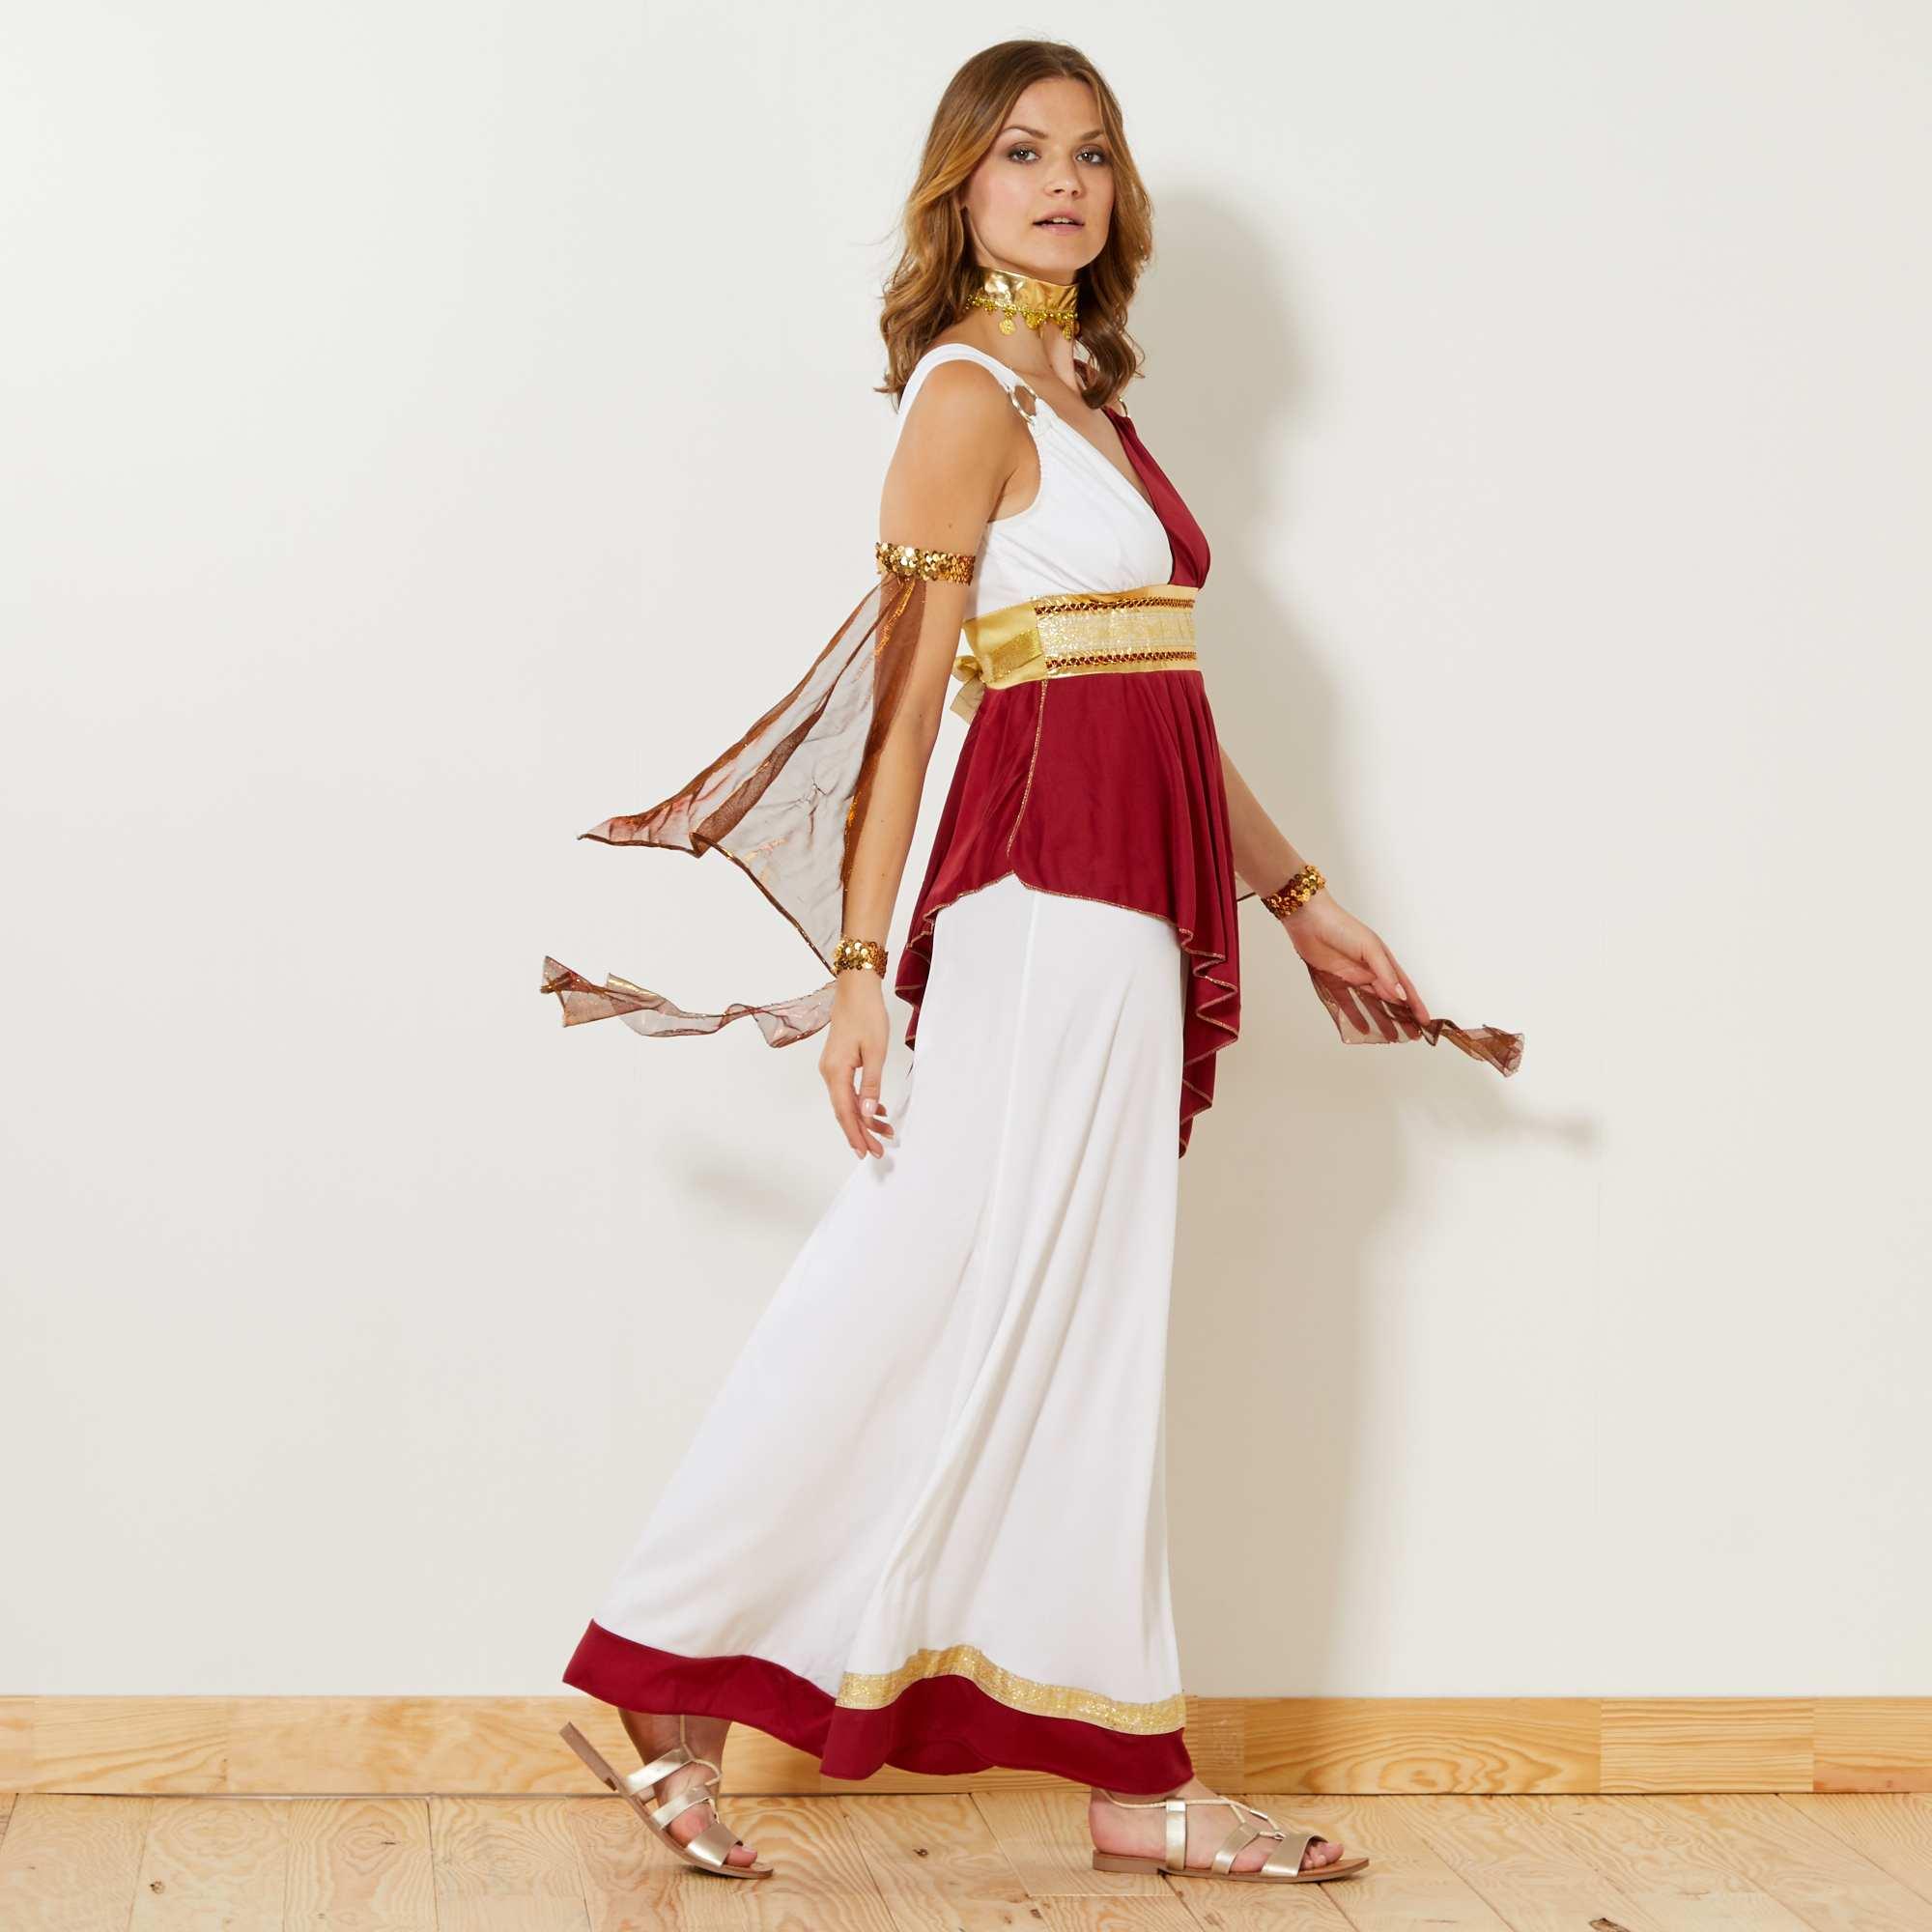 d00500d6f194 Costume imperatrice romana Donna - bianco rosso dorato - Kiabi - 29